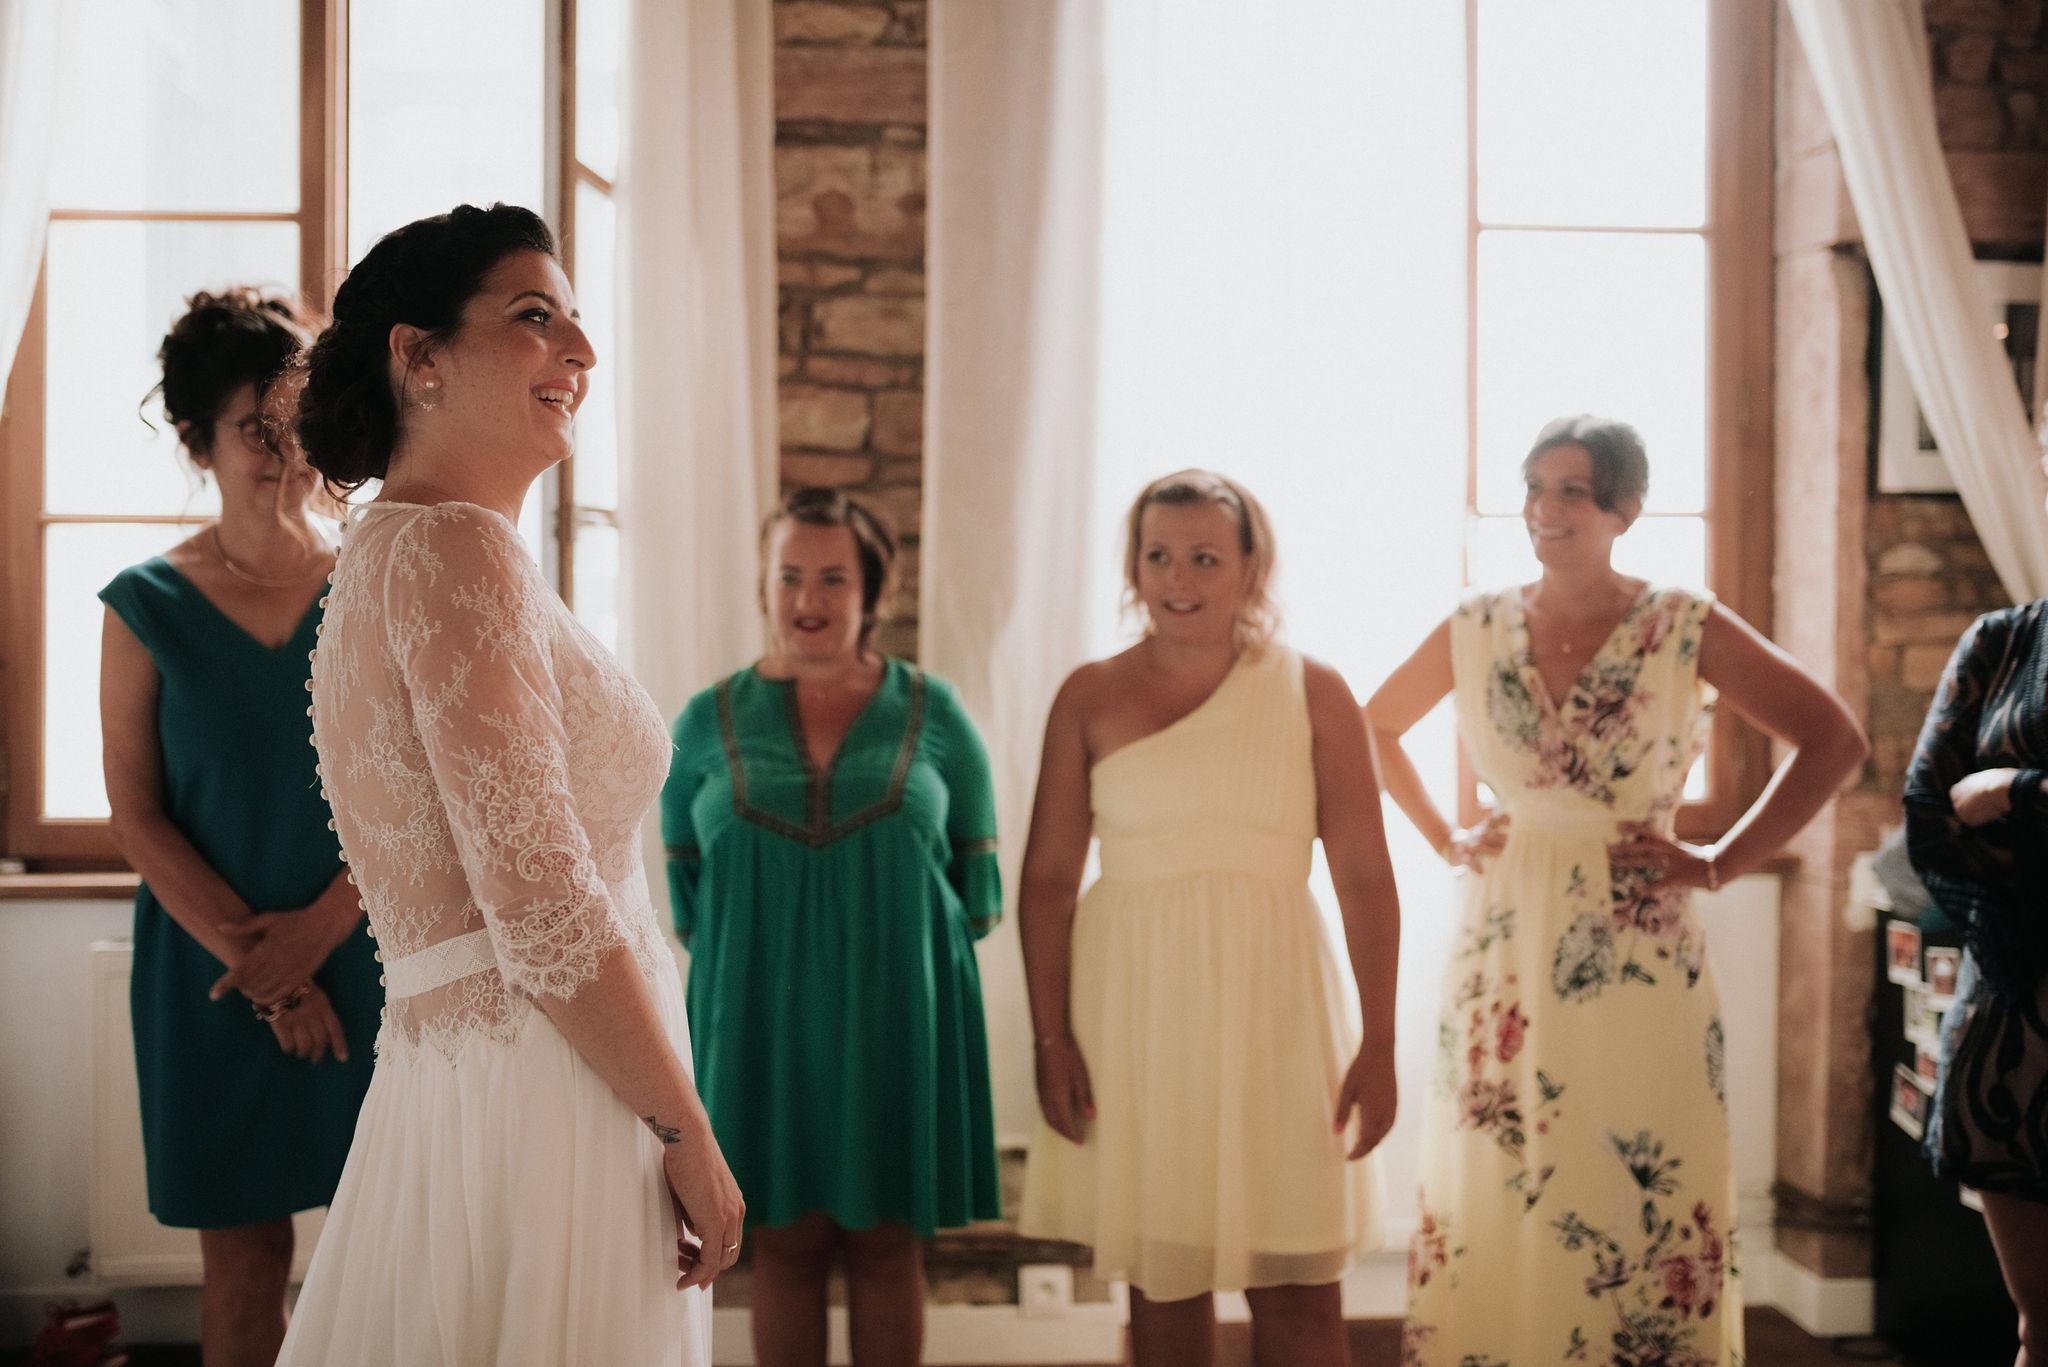 Léa-Fery-photographe-professionnel-lyon-rhone-alpes-portrait-creation-mariage-evenement-evenementiel-famille-5450.jpg